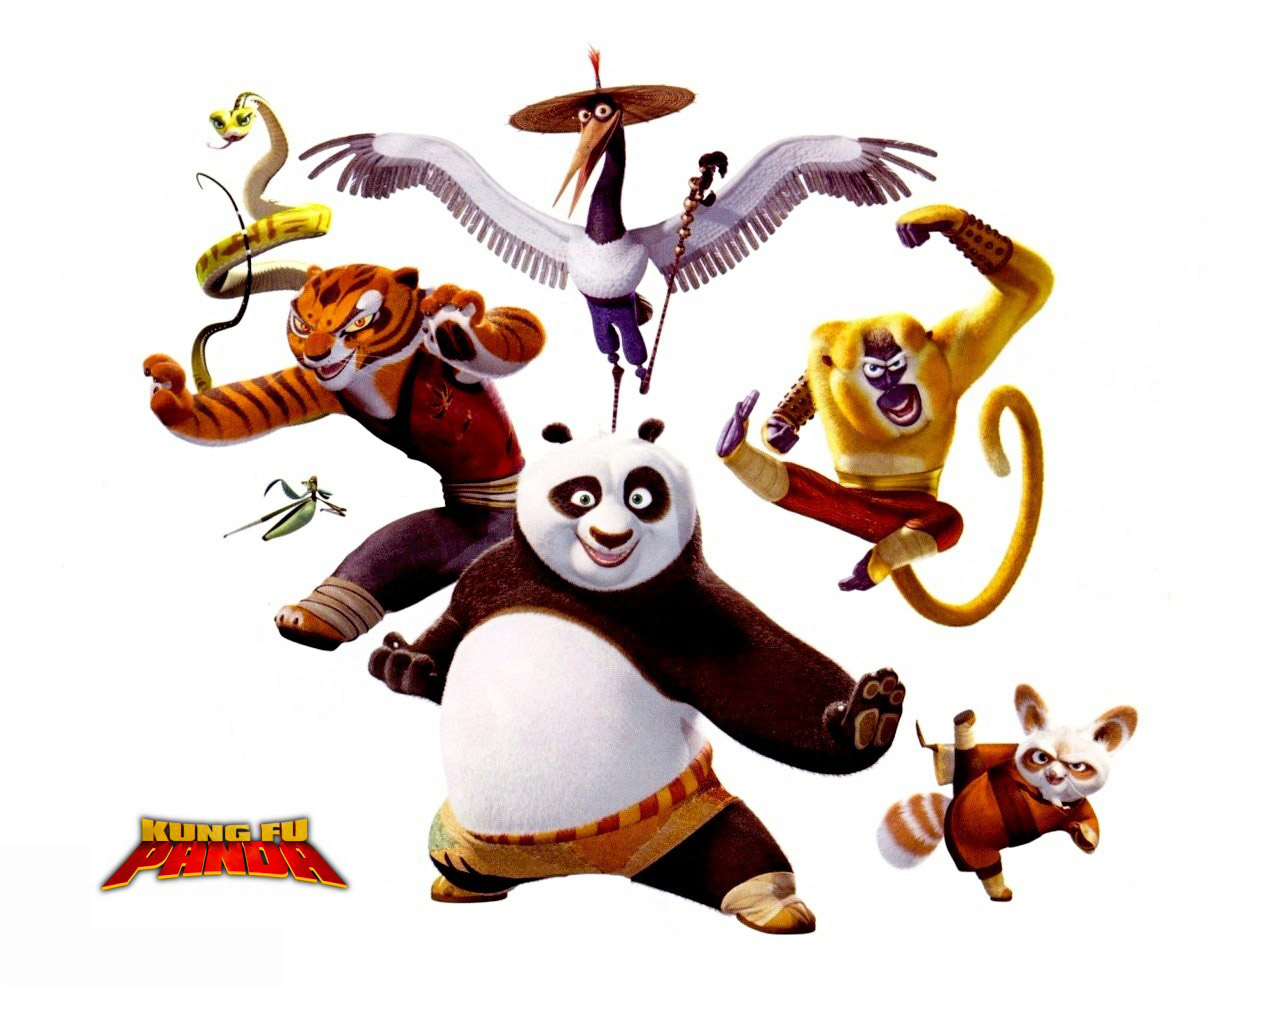 fondos de pantalla kung fu panda el fondo blanco animación descargar